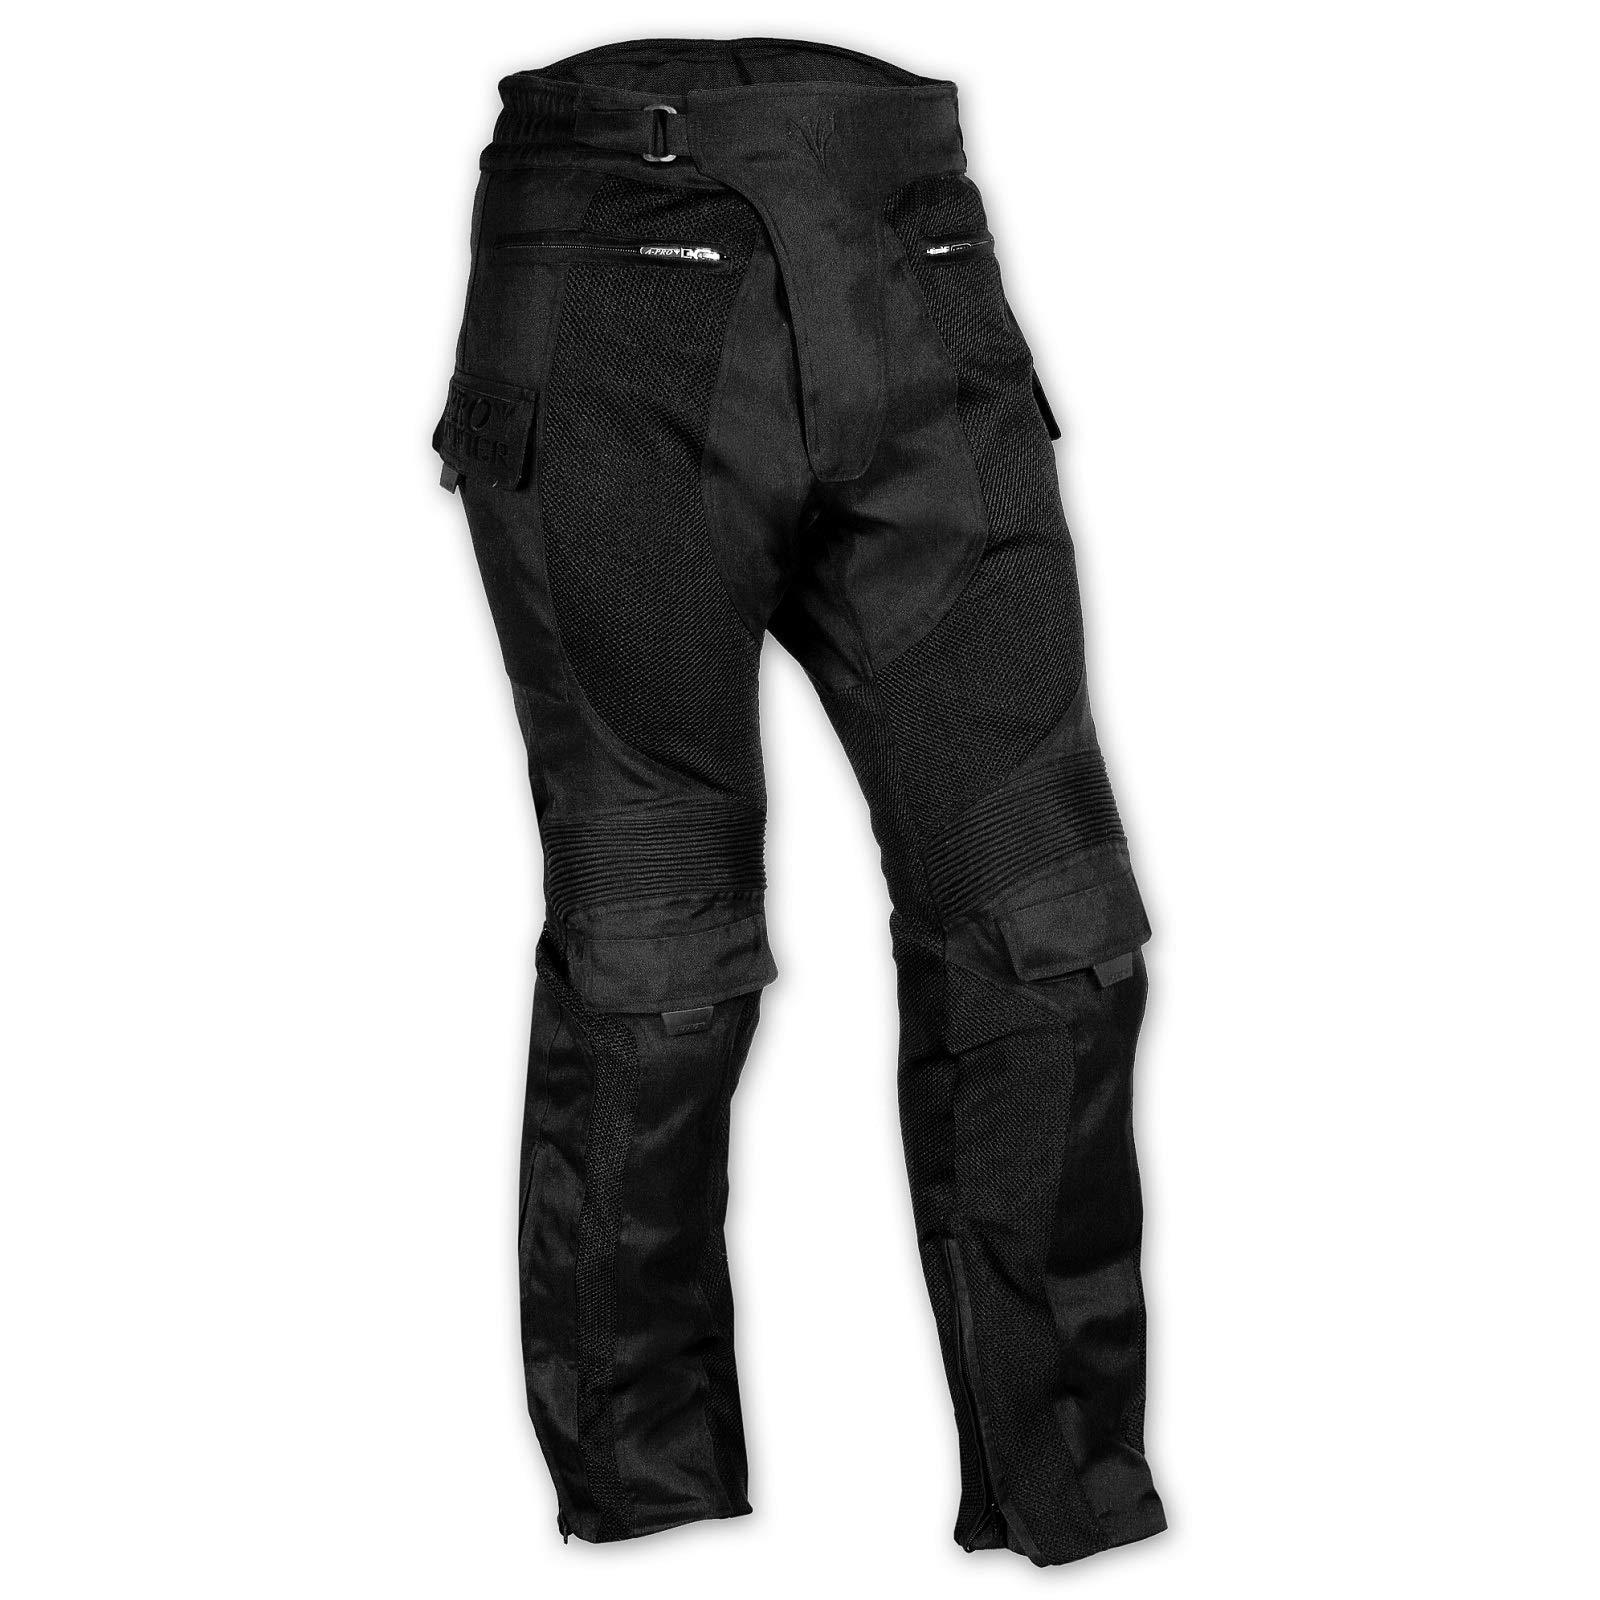 Basile Levis Levis Giaca Levis Jeans Giaca Donna Donna Basile Giaca Jeans Jeans SqzLVpMUG